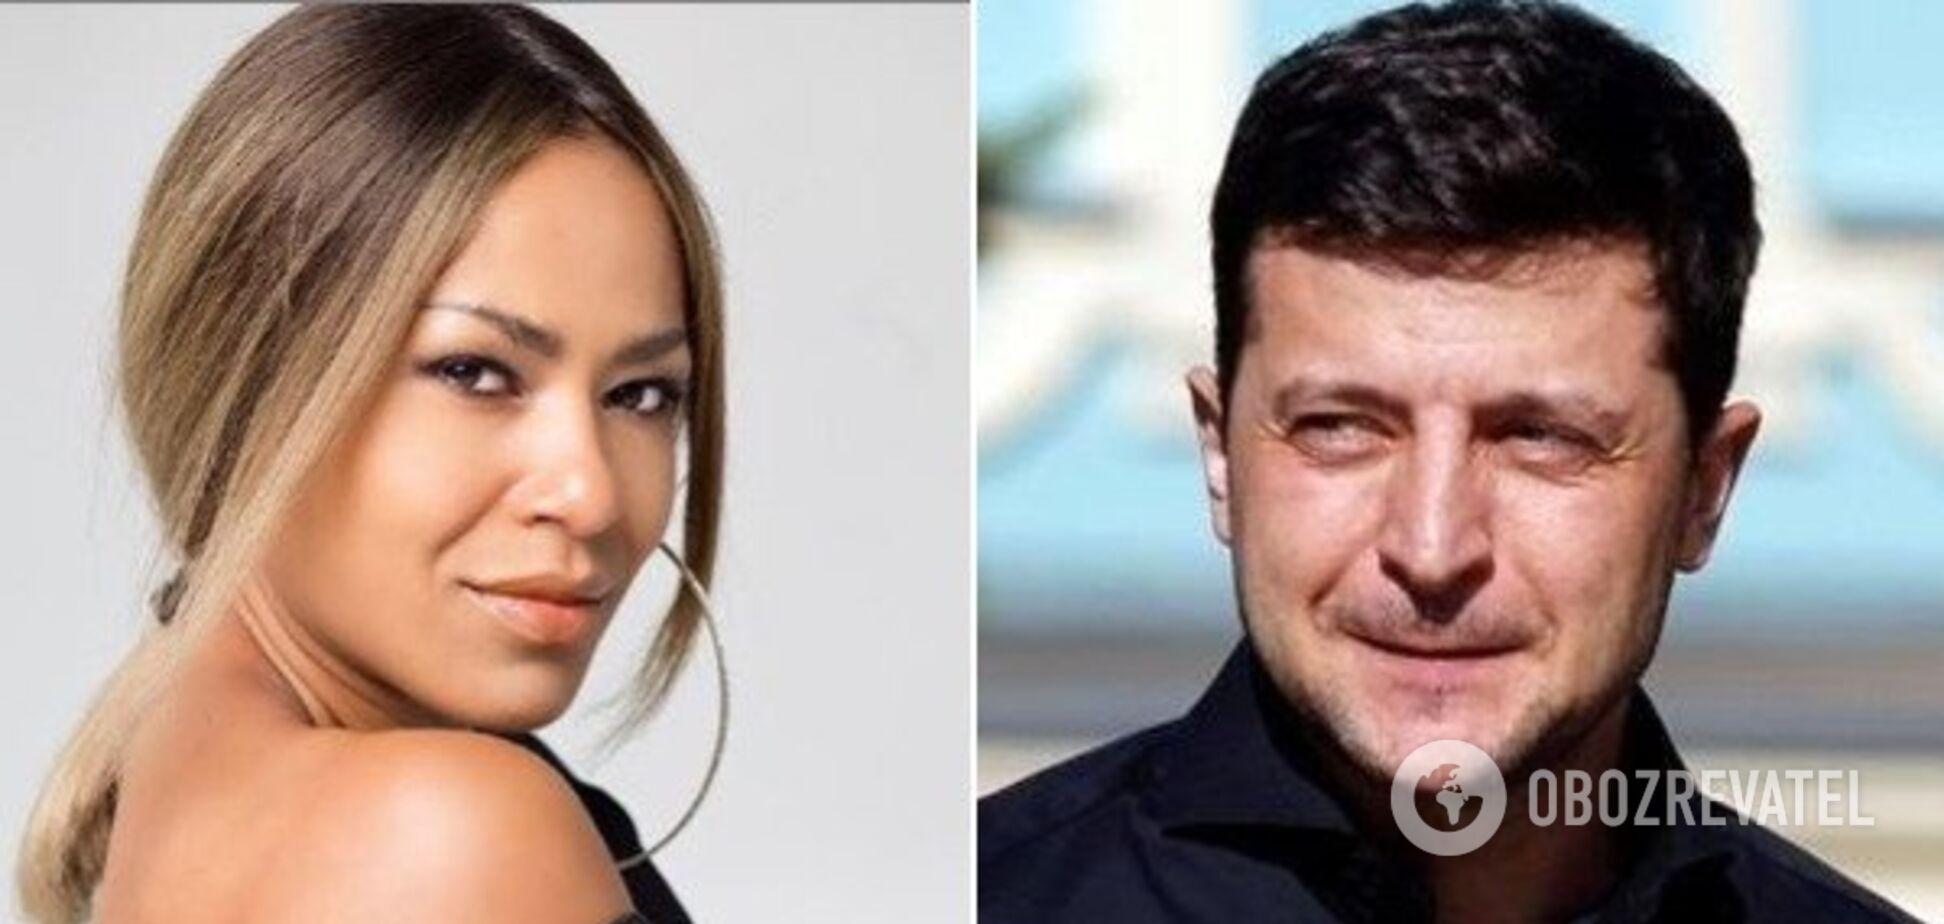 'Он иногда следит за мной': украинская певица сделала неожиданное заявление о Зеленском